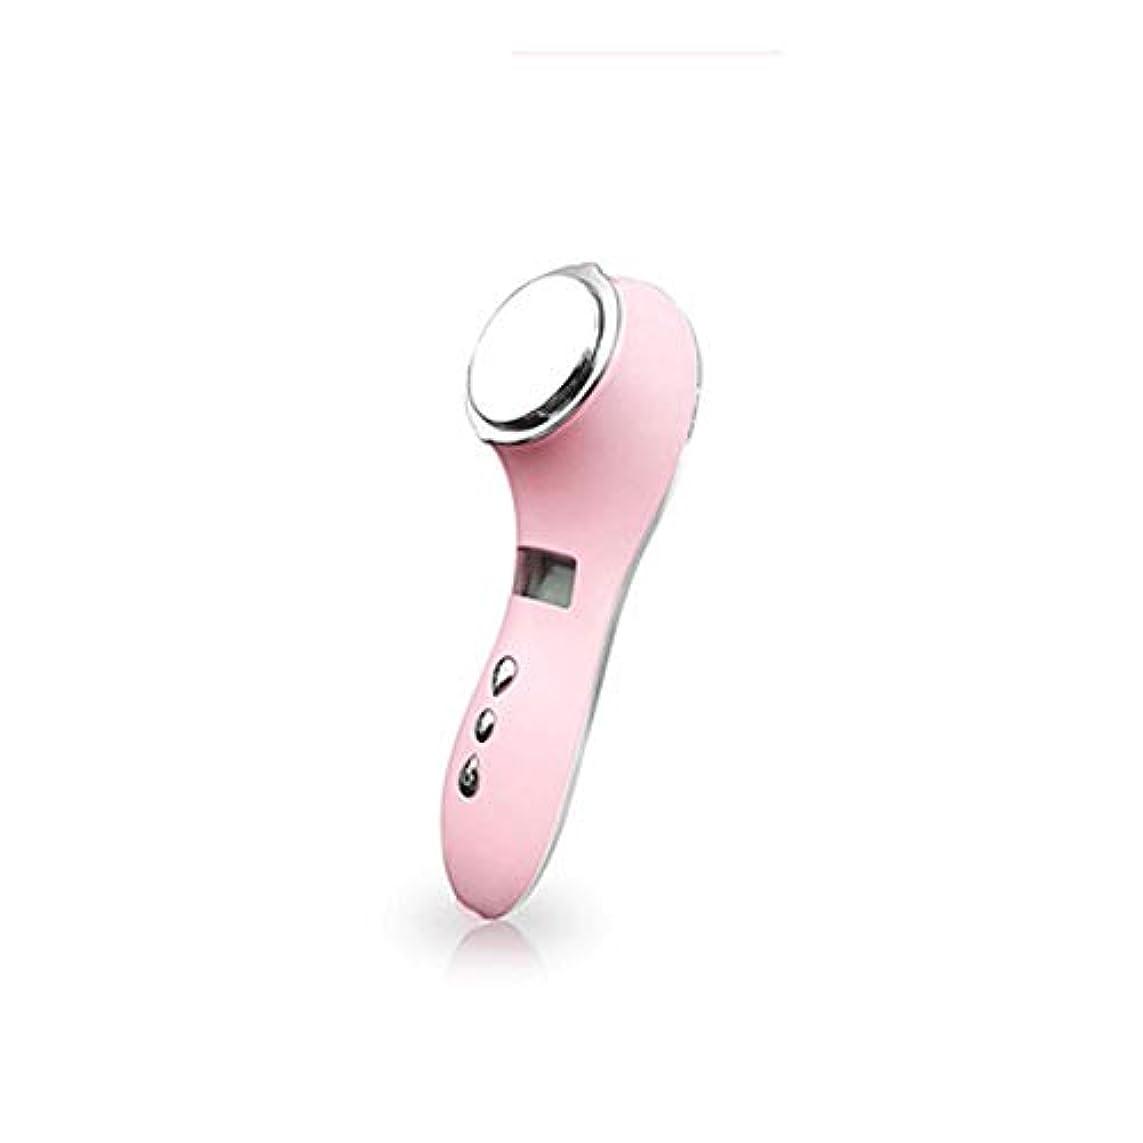 プロトタイプレンドさらにHEHUIHUI- クレンジングブラシ、ディープクレンジングフェイシャル、防水および振動クレンジングブラシ、アンチエイジング、やさしい角質除去、マッサージ(ホワイト) (Color : Pink)